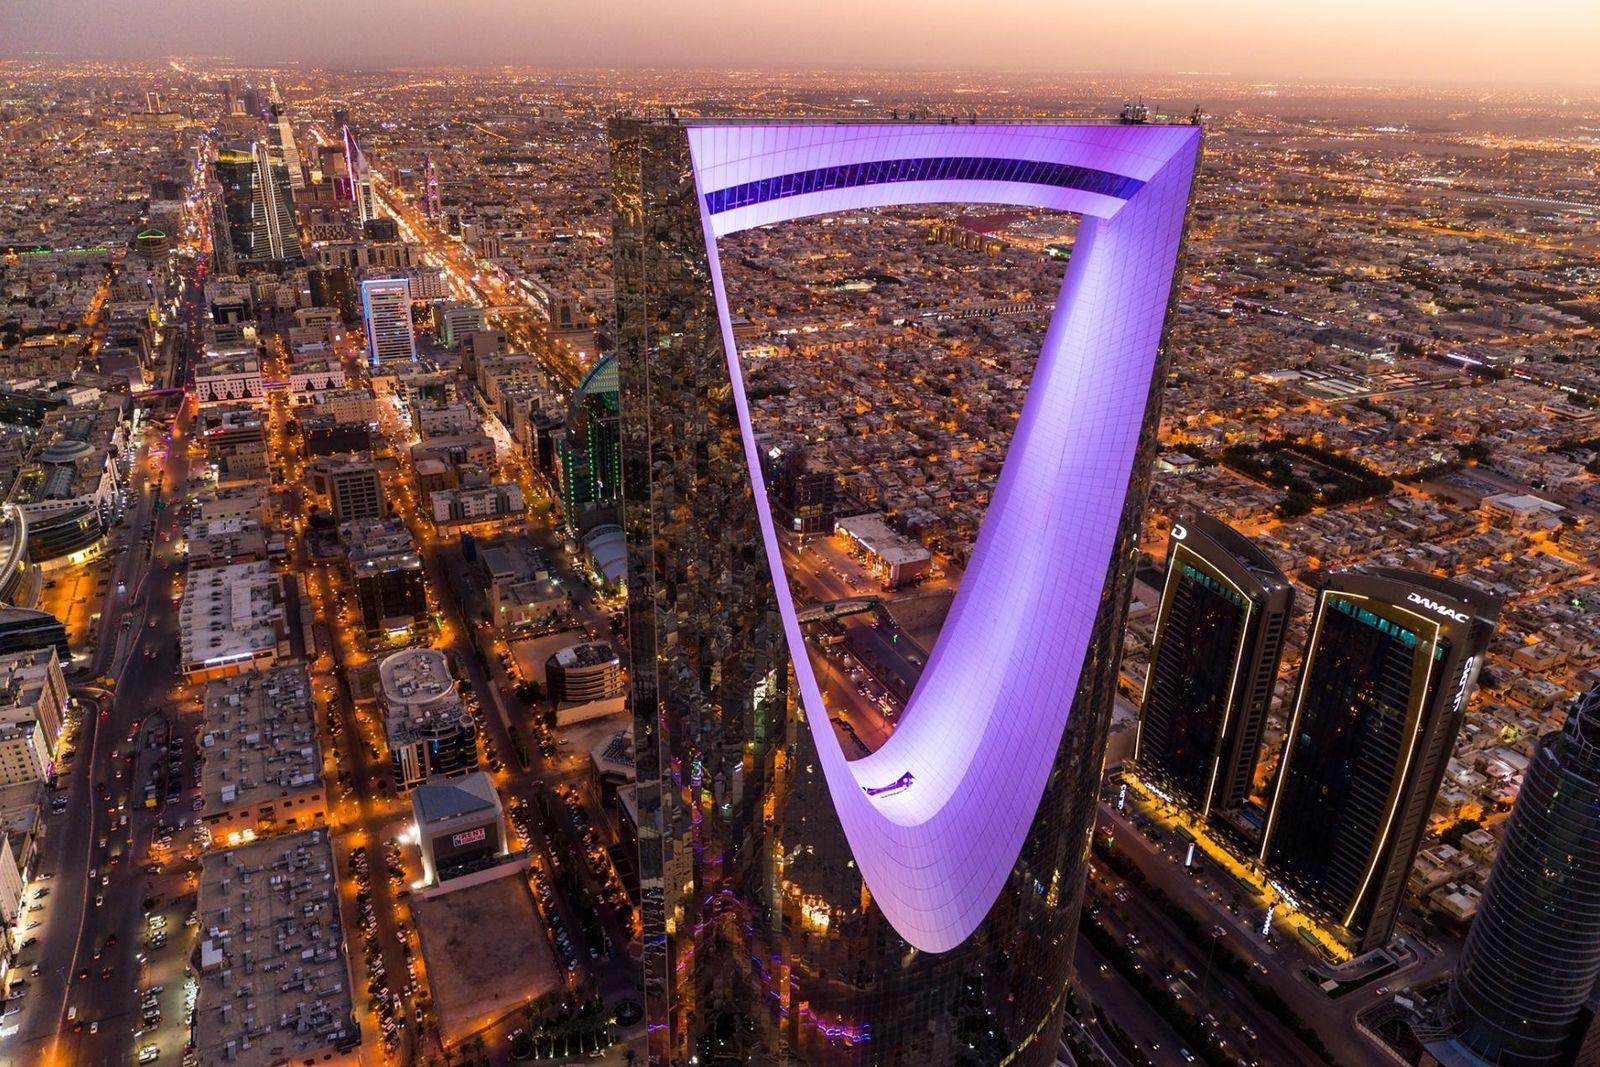 El Kingdom Centre, de 302 metros de alto, es un reflejo de su ciudad:Riad, la capital ...